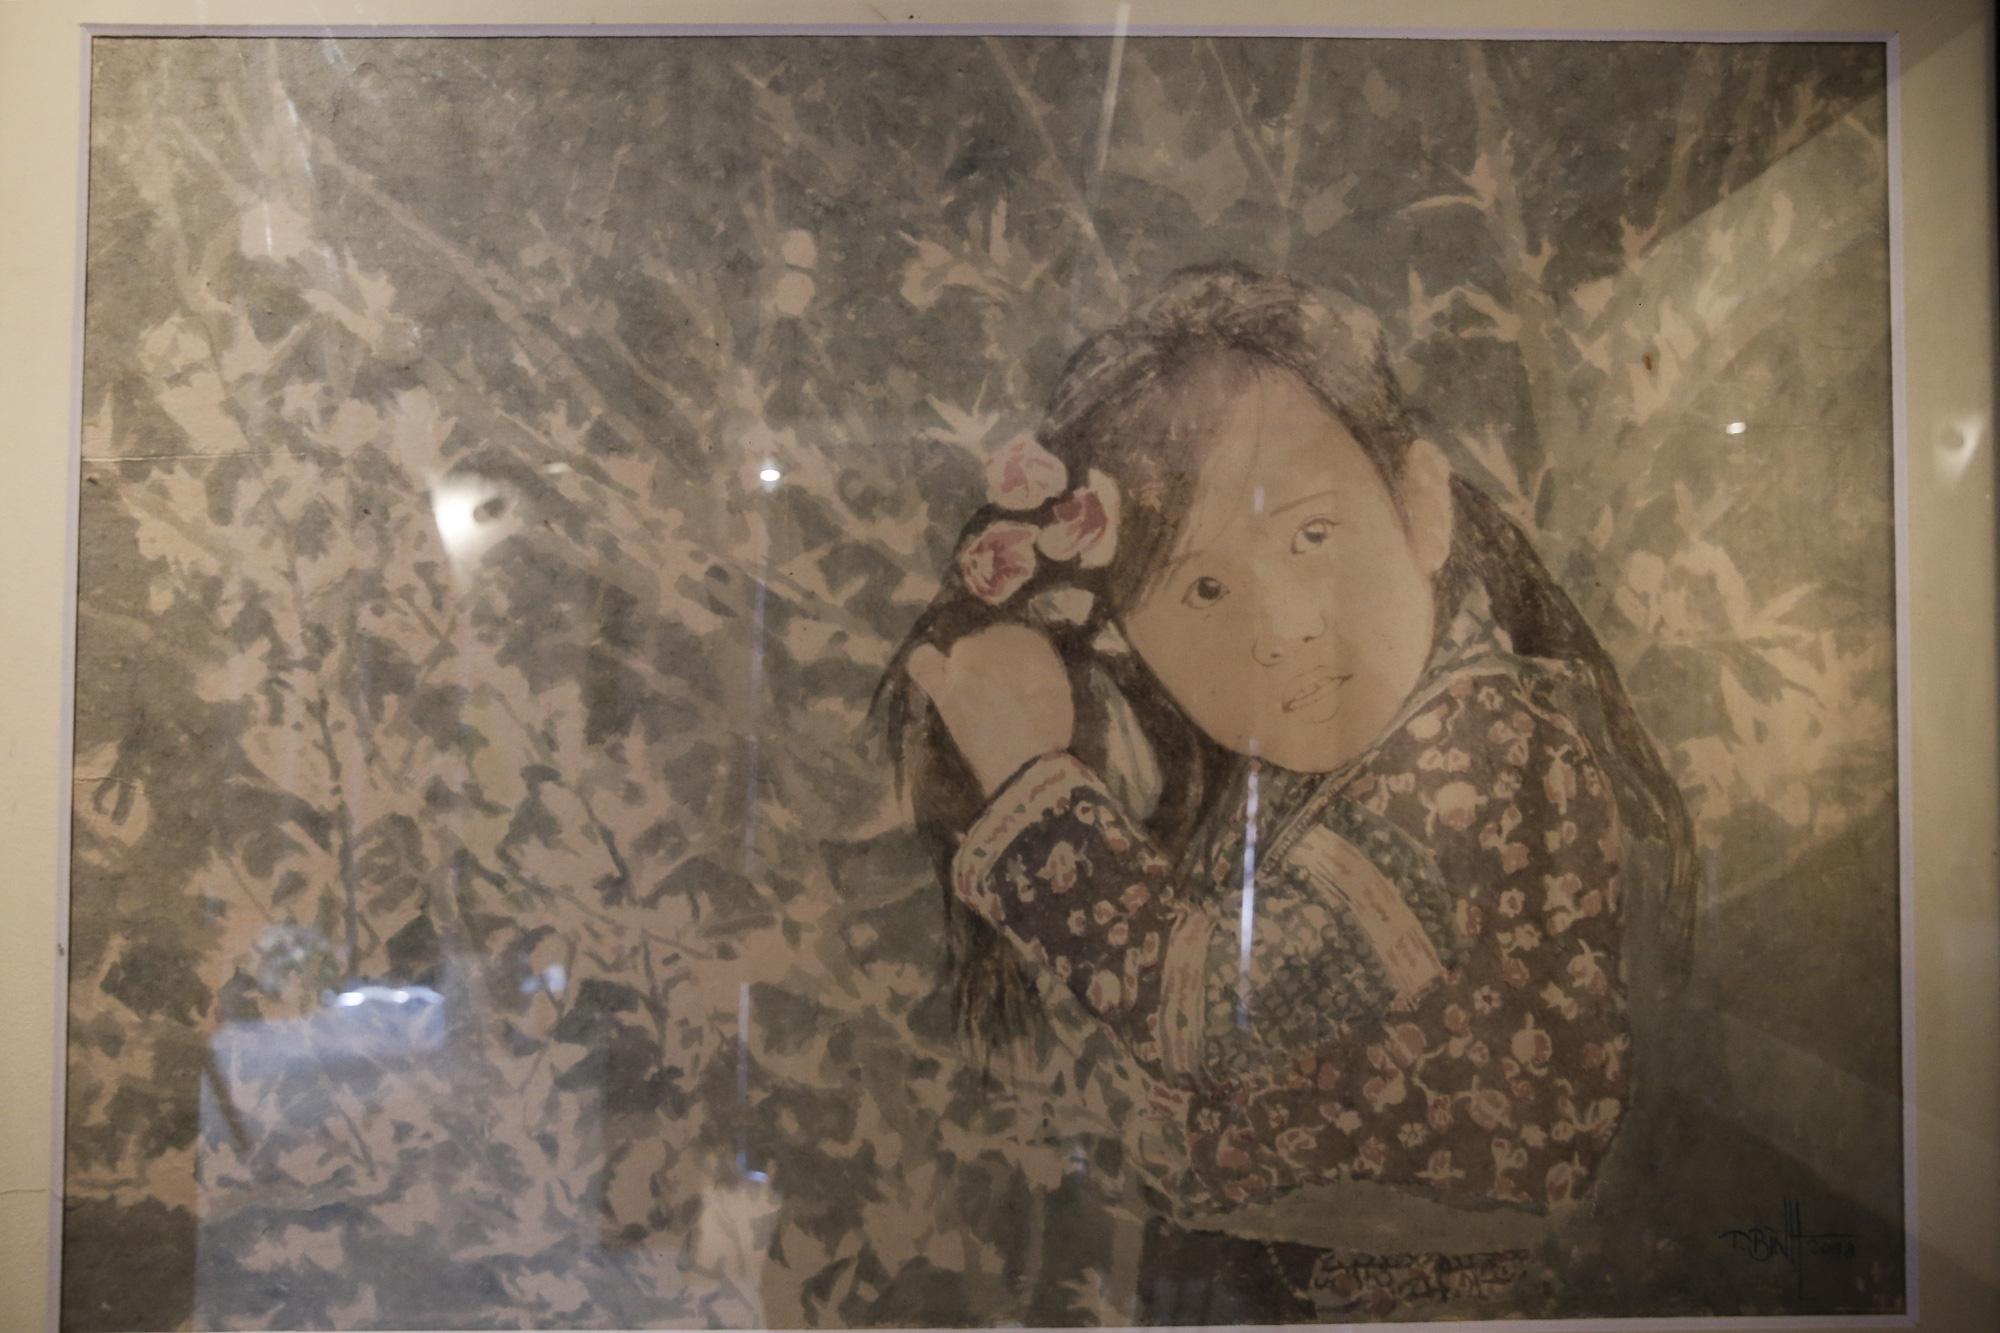 Chiêm ngưỡng không gian tranh giấy dó truyền thống đặc biệt tại Hà Nội - Ảnh 11.